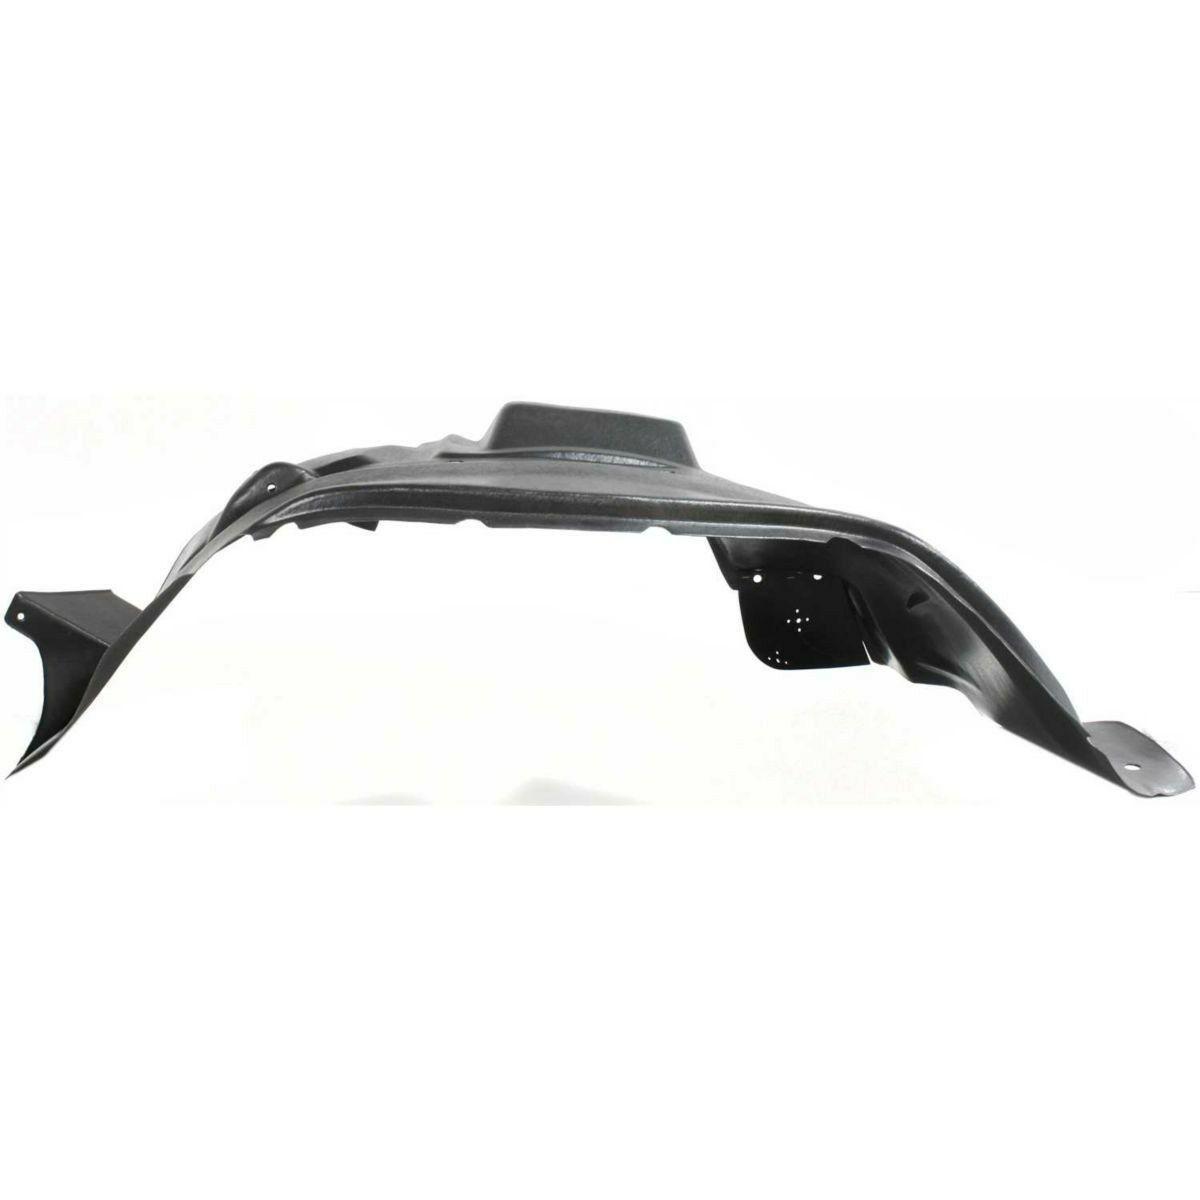 New RH Side Front Inner Fender Splash Shield Liner Fits Toyota Corolla TO1249162